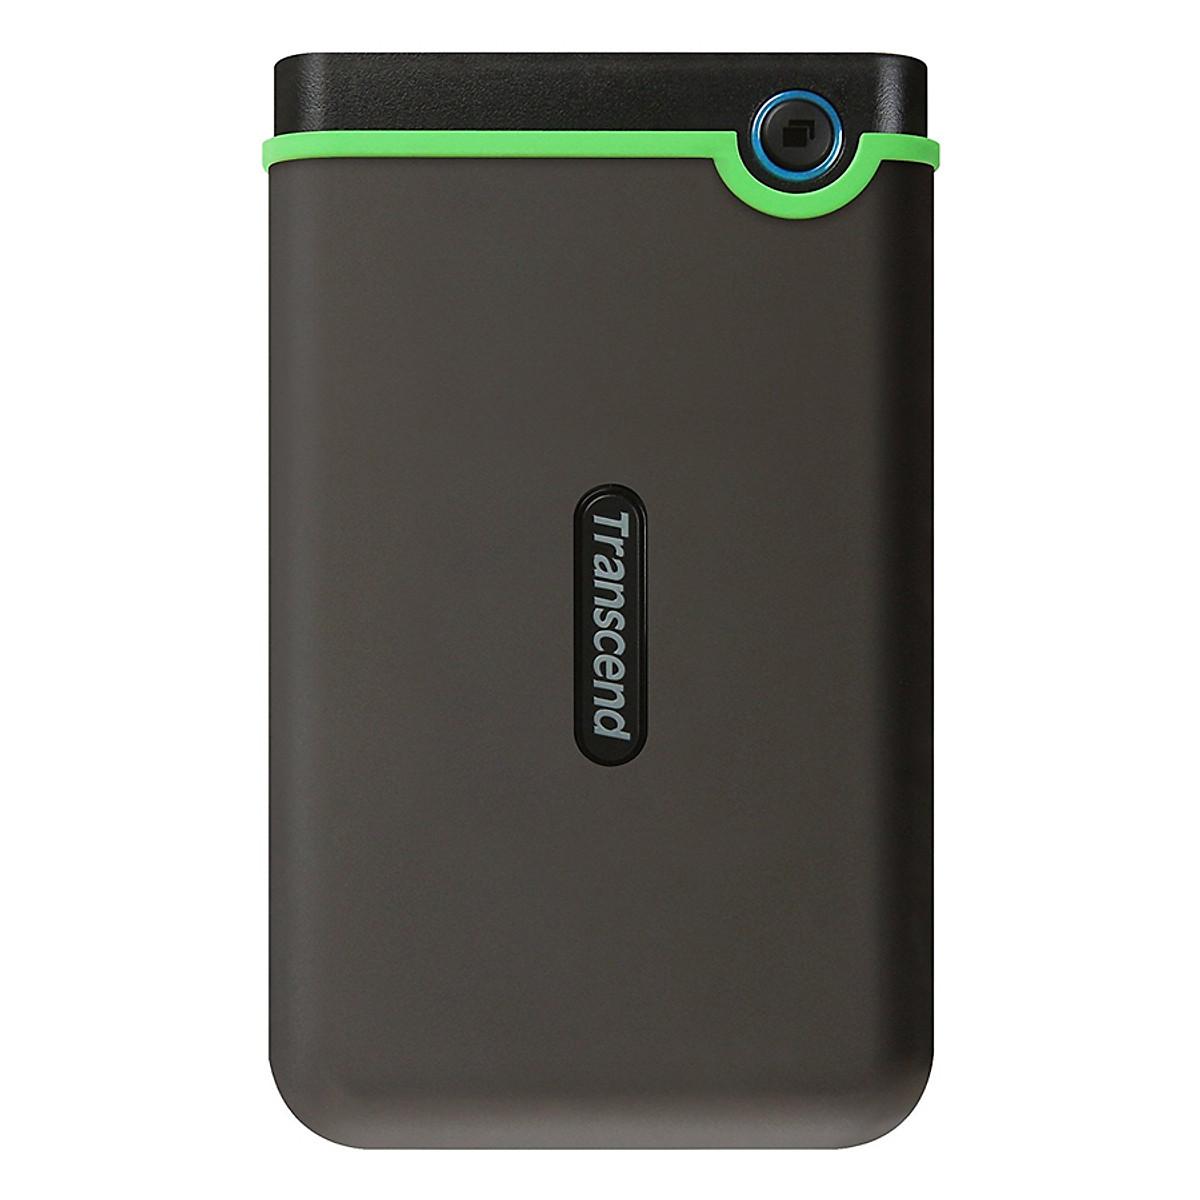 Ổ Cứng Di Động Transcend M3S 2TB Slim USB 3.0/3.1 TS2TSJ25M3S – Hàng Chính Hãng